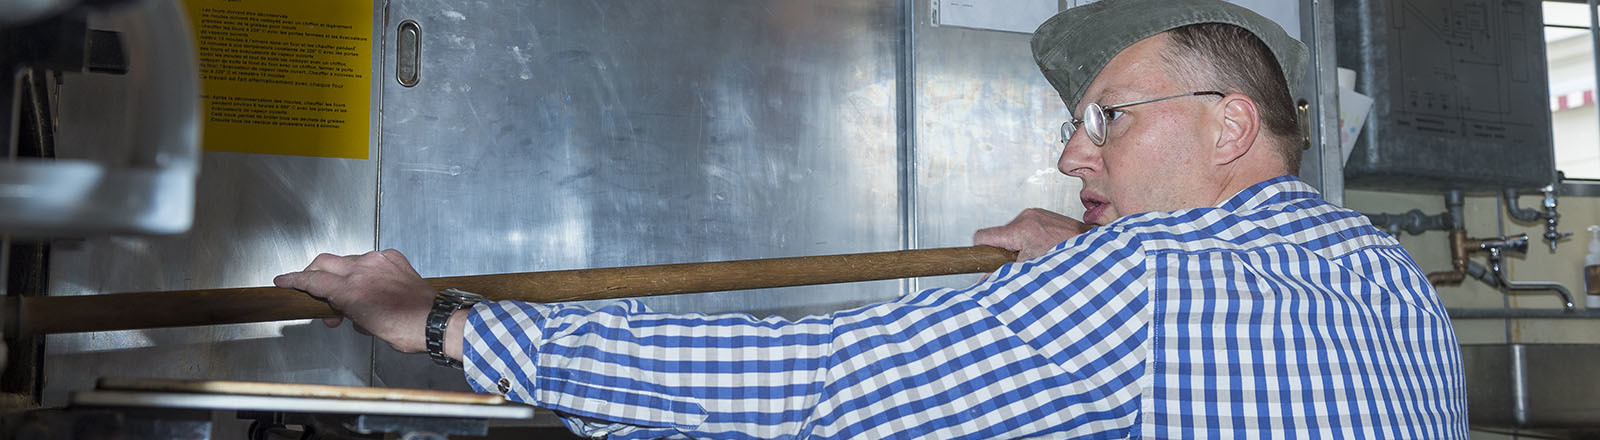 Der Bäcker Florian Bäcker schiebt mit einem langen Schieber ein Brot in den Ofen.